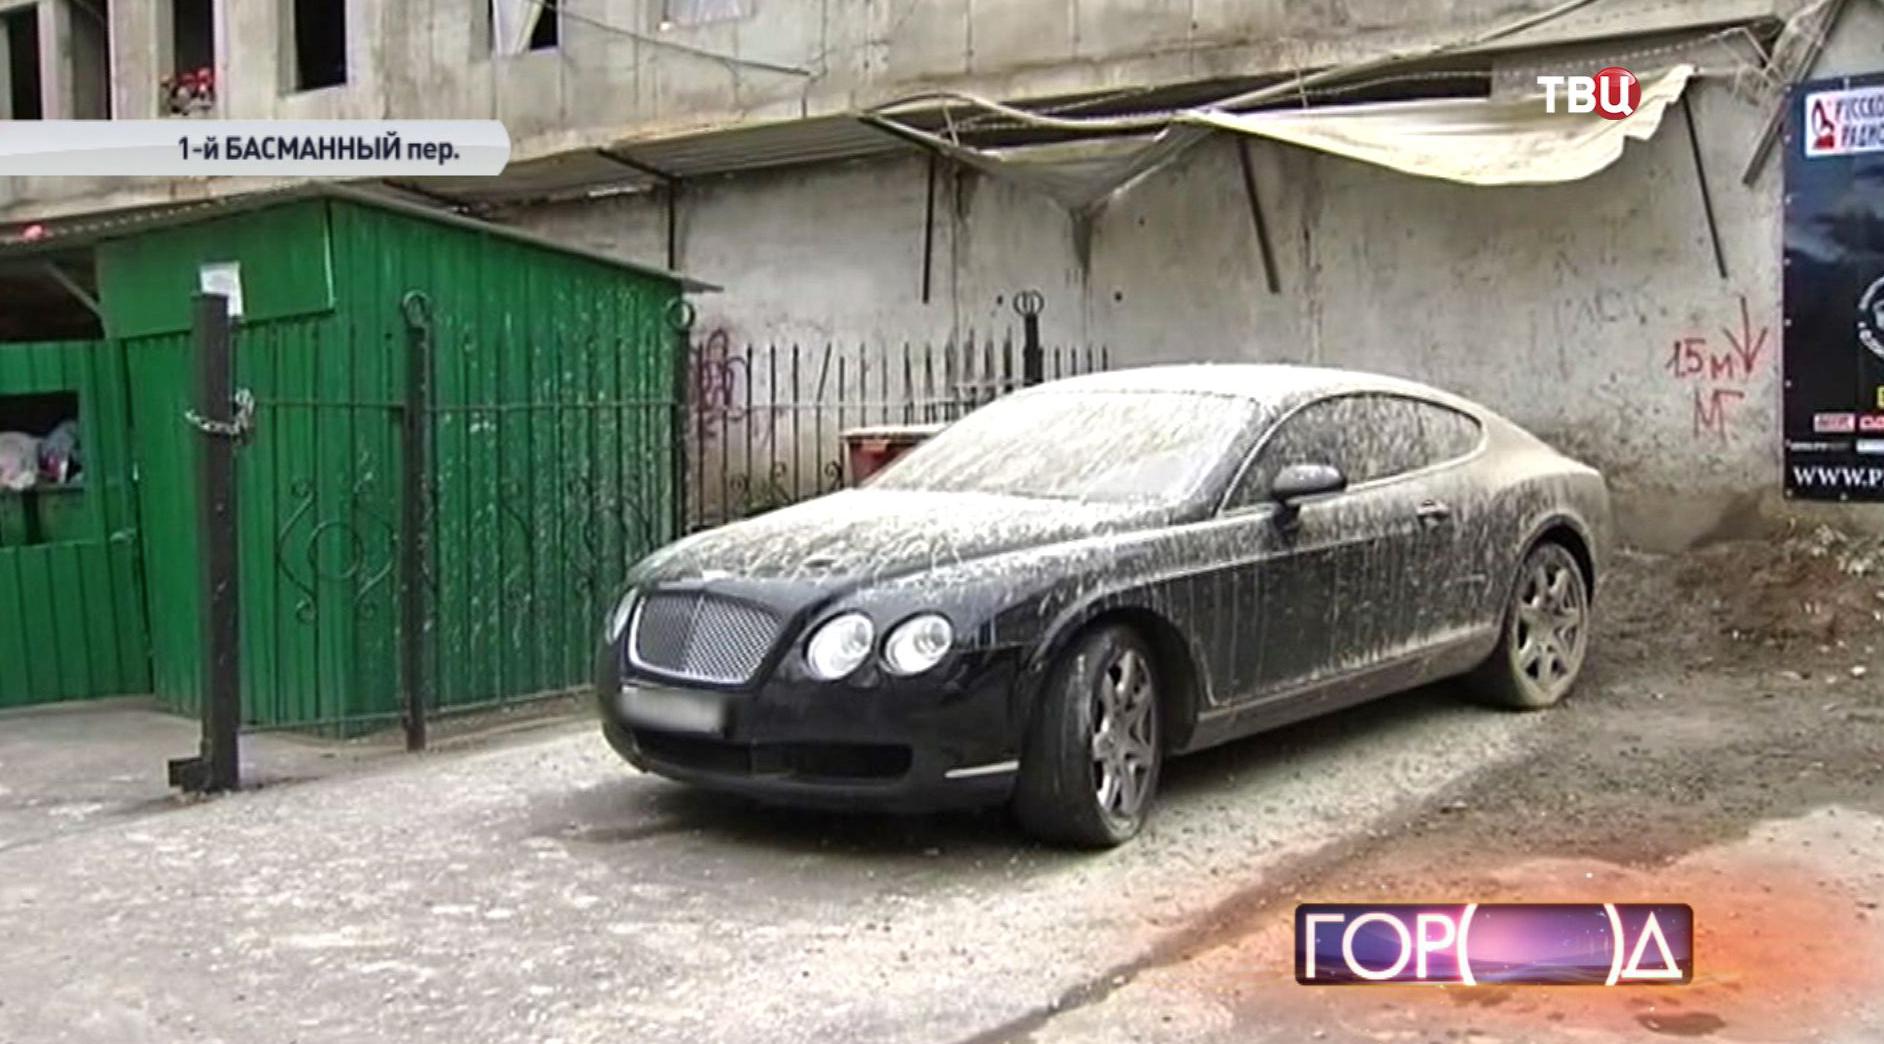 Автомобиль Bentley облитый бетоном